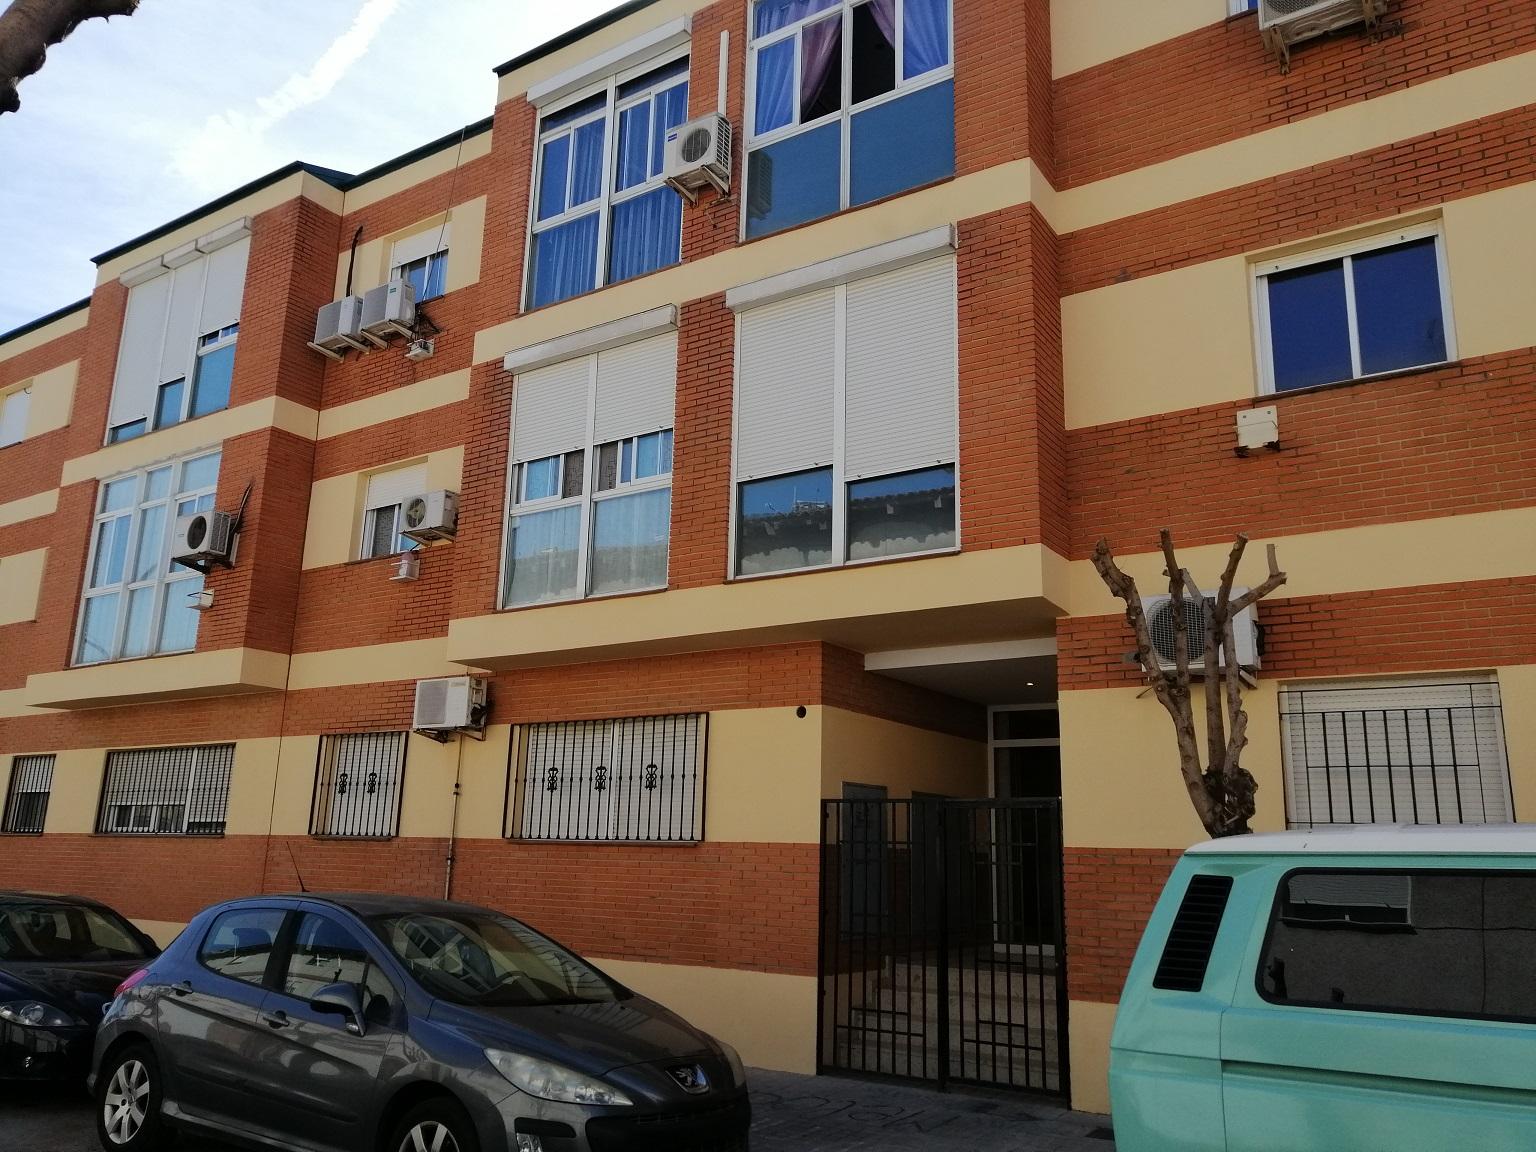 Piso en venta en Barrio del Cristo, Aldaia, Valencia, Calle Sequia de Faitanar, 110.000 €, 3 habitaciones, 2 baños, 103 m2